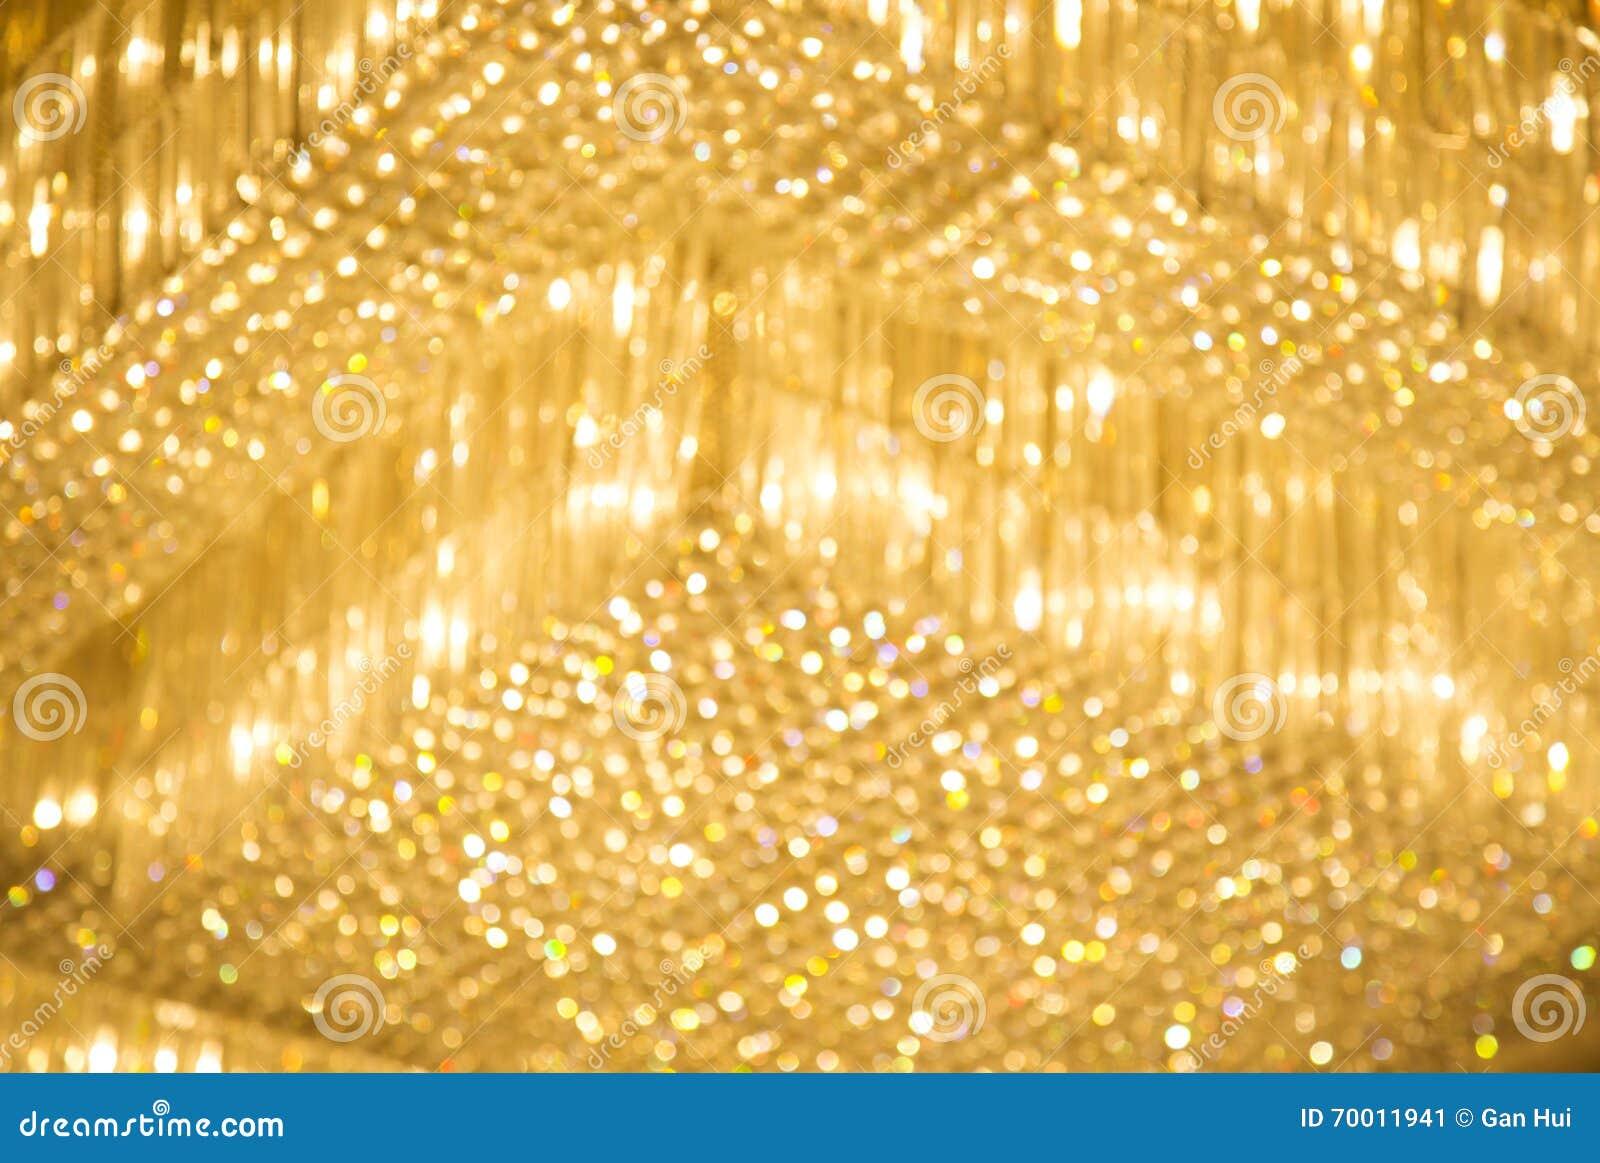 Luces amarillas del hotel en el techo foto de archivo - Luces para el techo ...